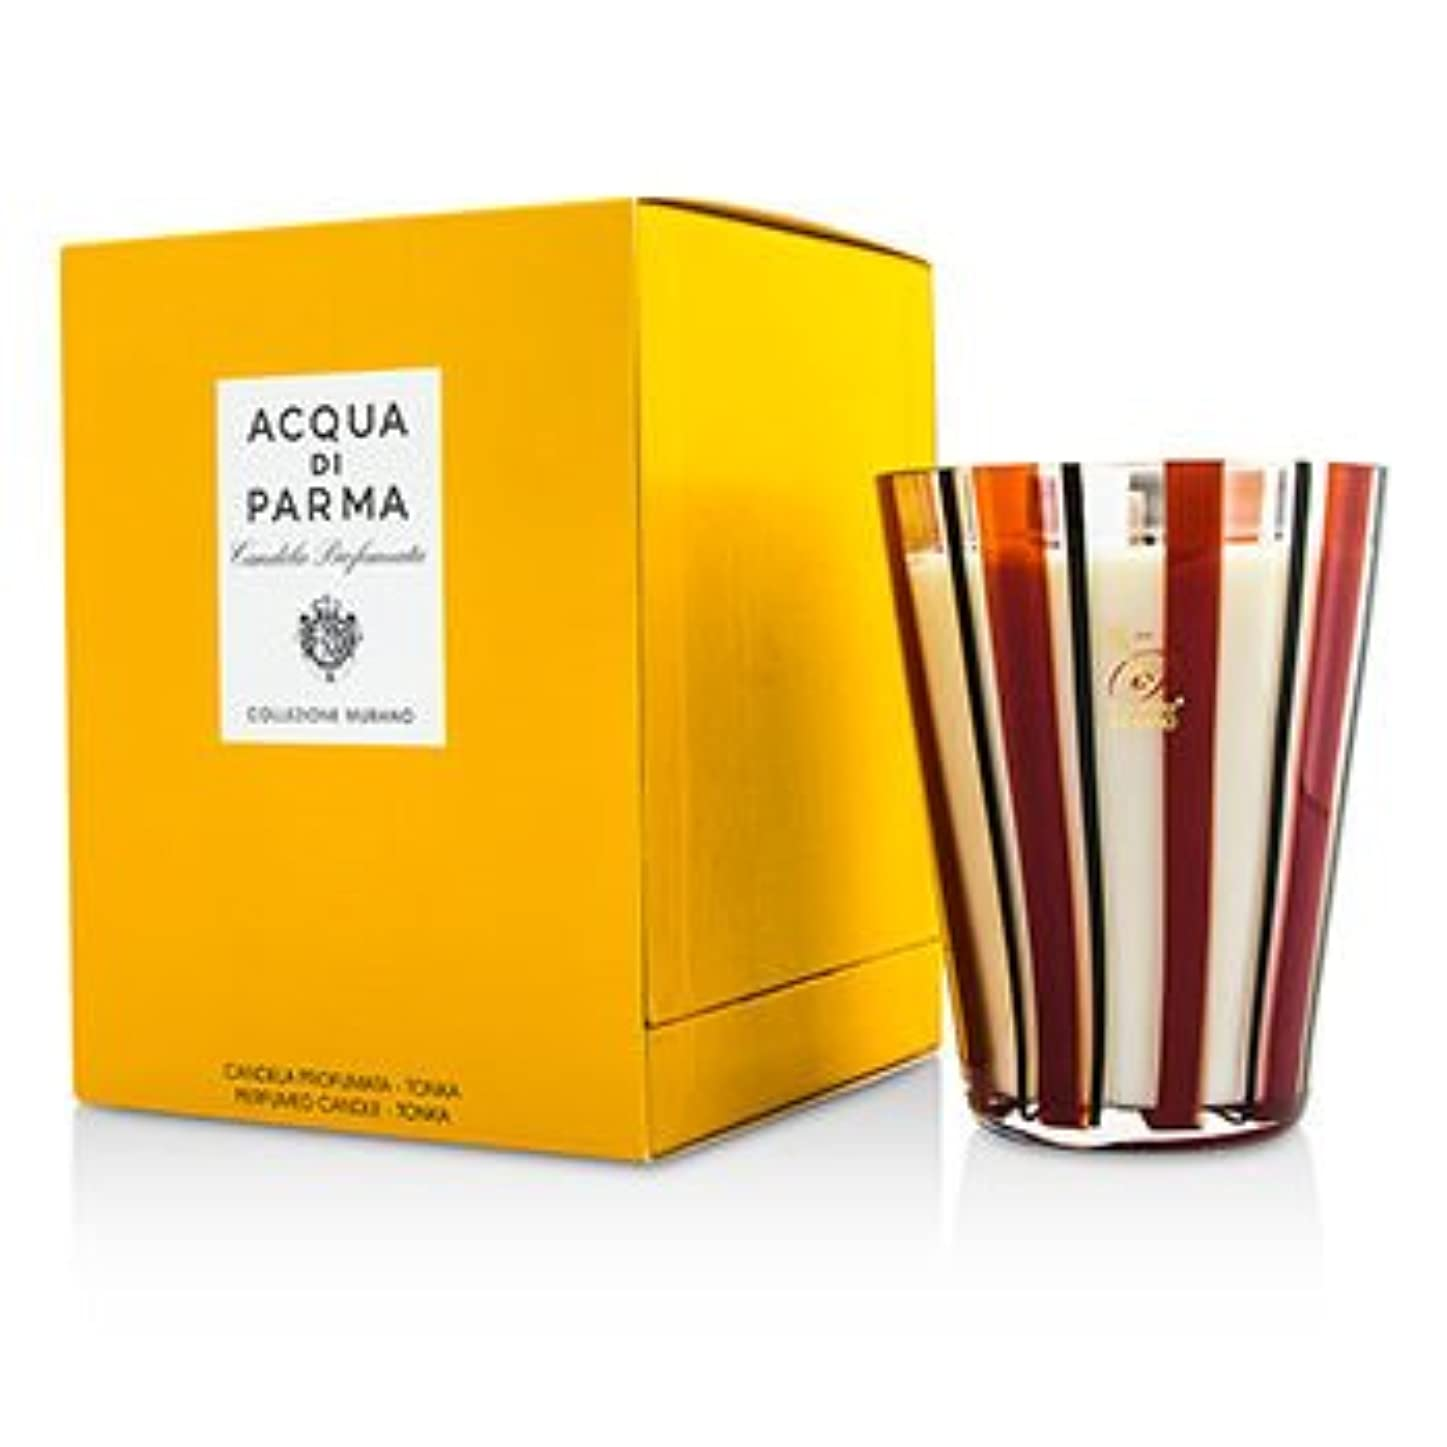 クラフト有能な読み書きのできない[Acqua Di Parma] Murano Glass Perfumed Candle - Tonka 200g/7.05oz